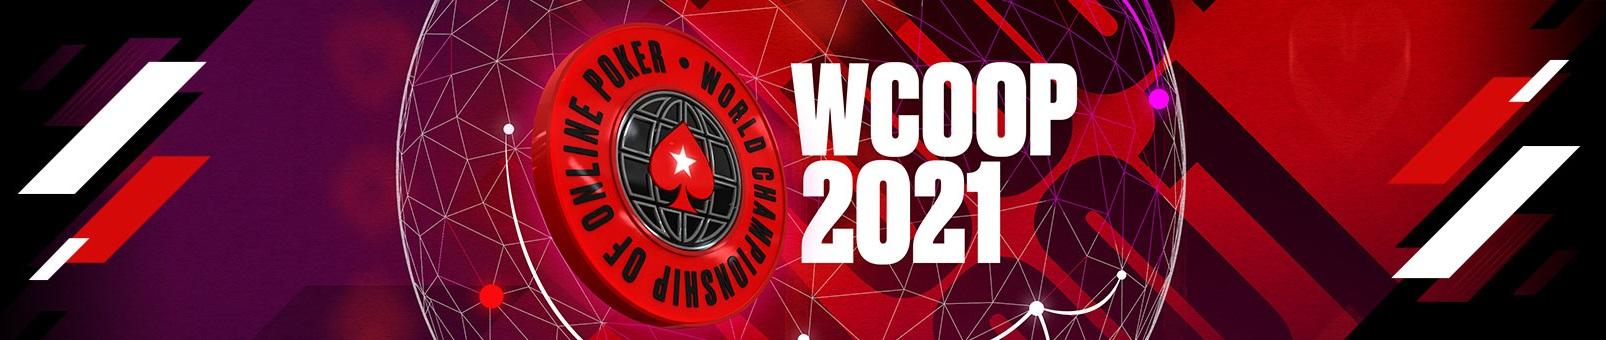 wcoop 2021 pokerstars